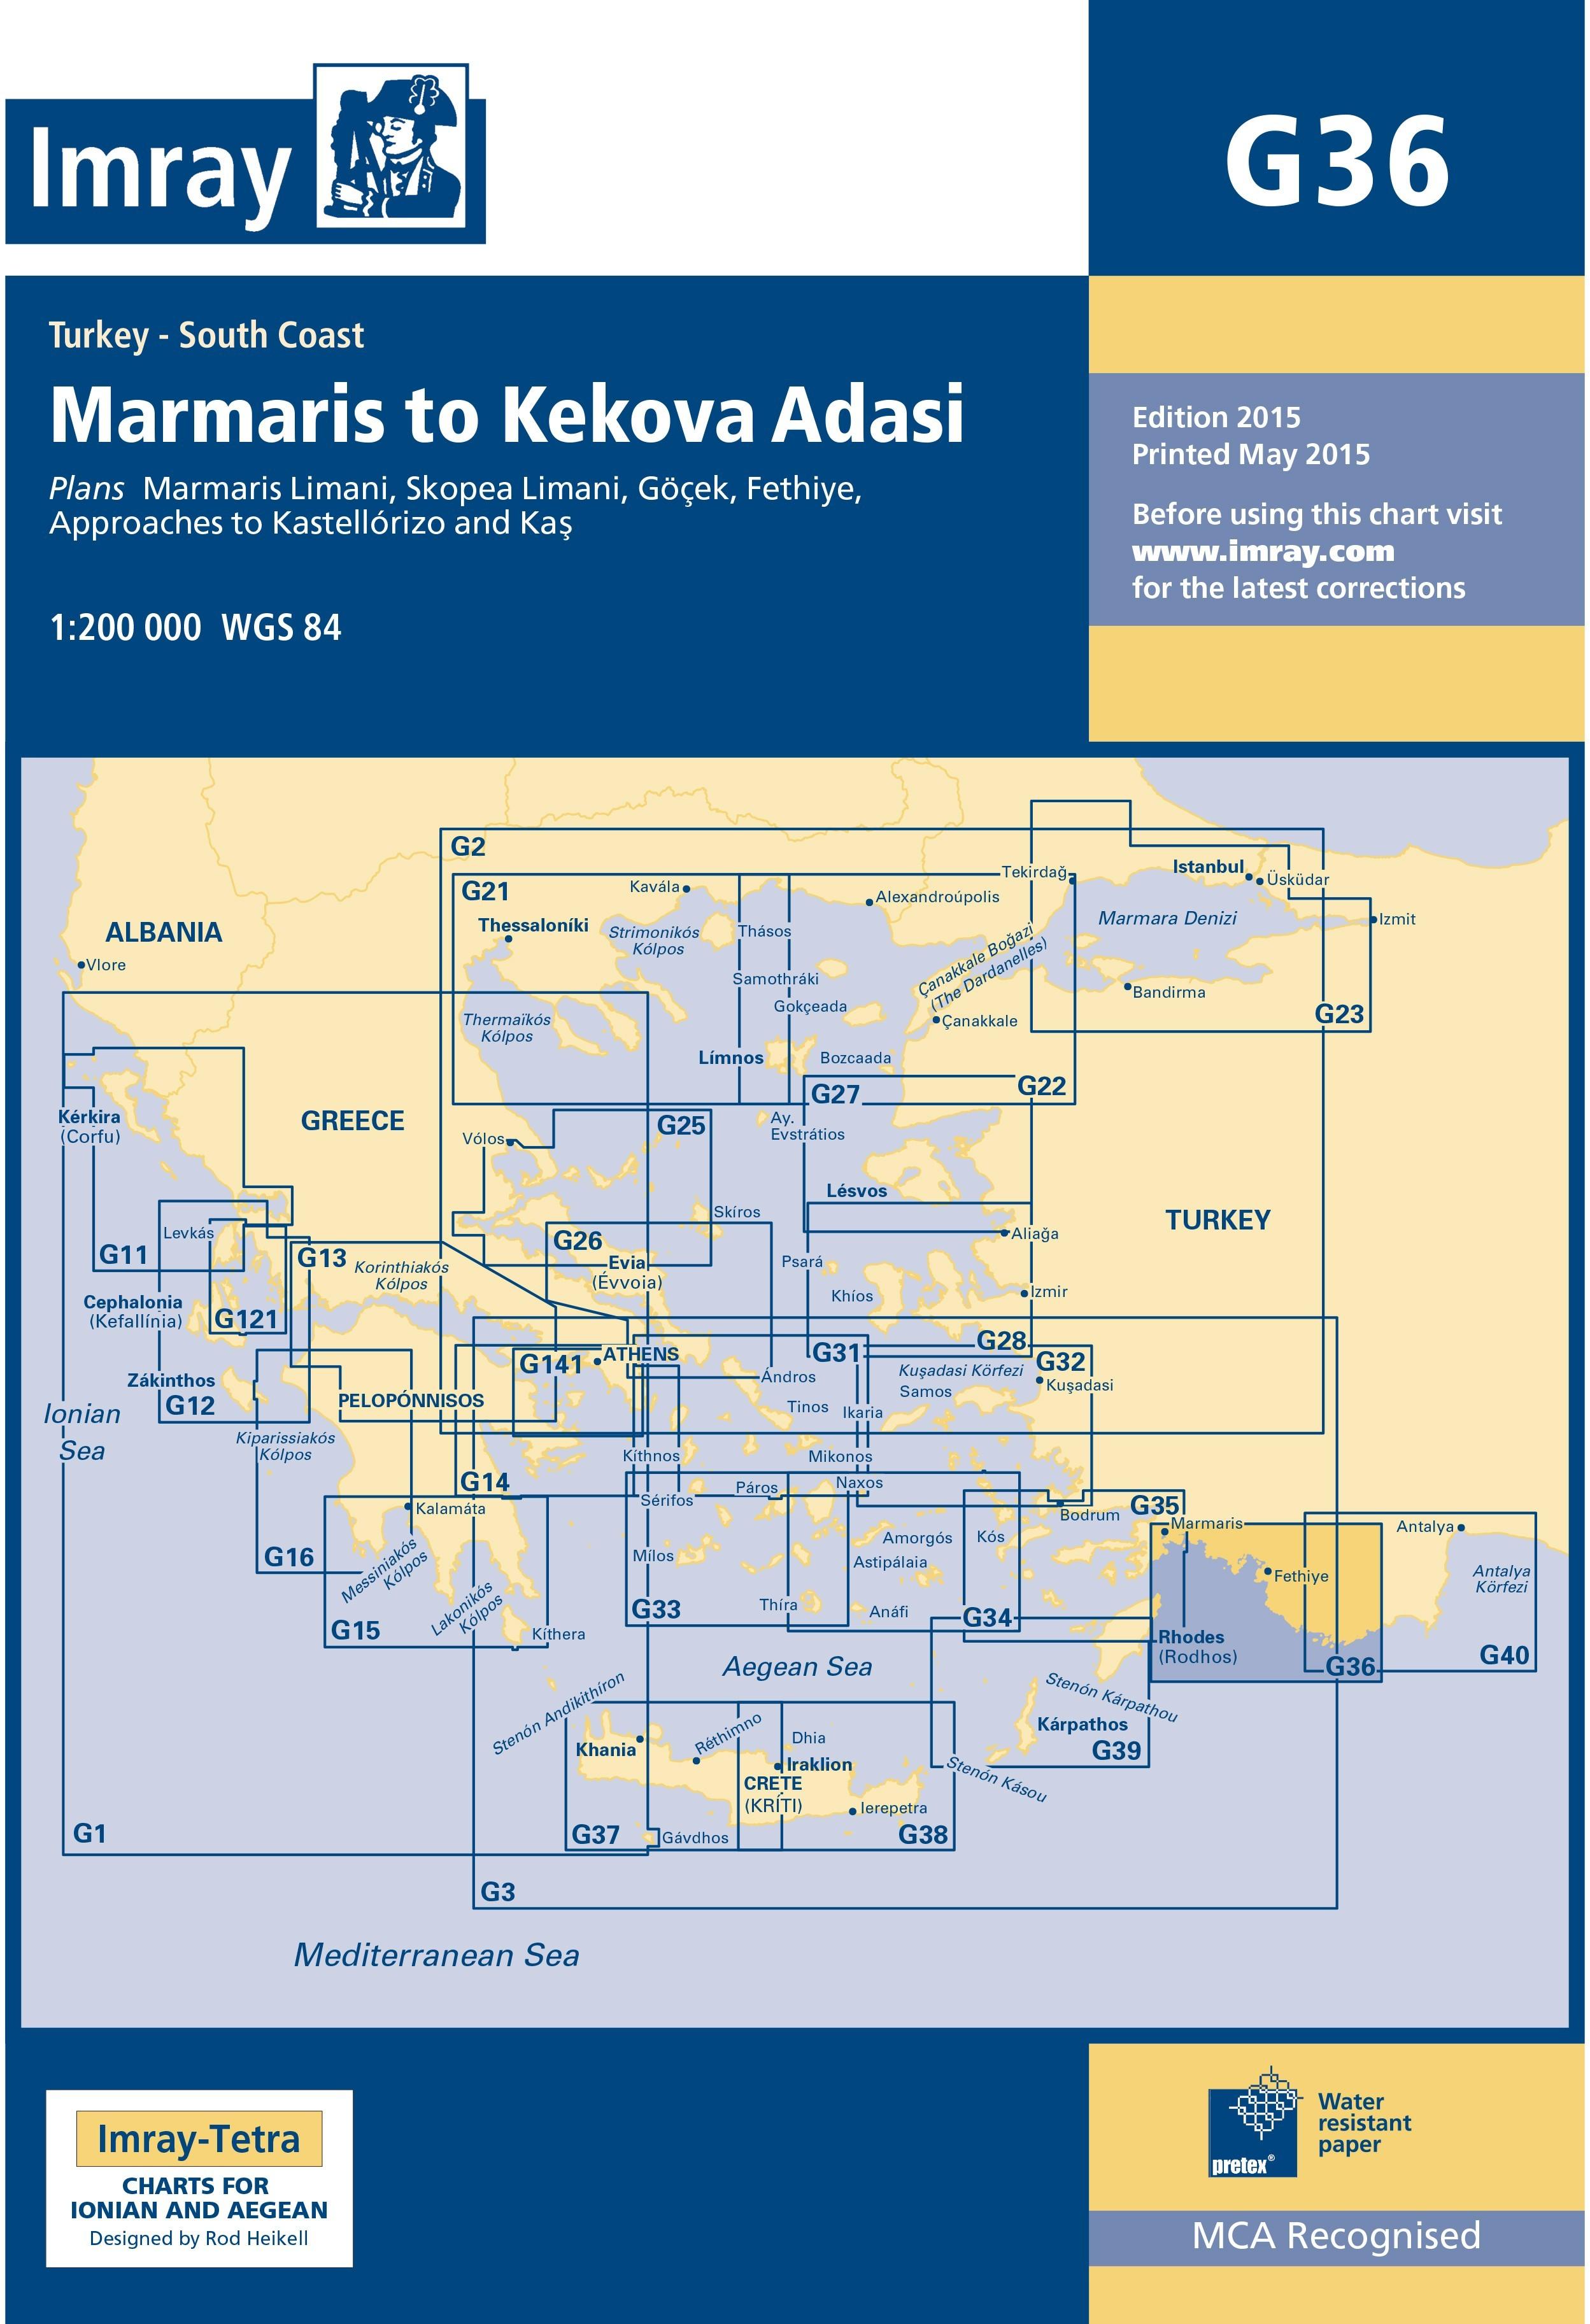 33.53 - Ναυτικός Χάρτης IMRAY ICG36-2 Μαρμαρίς έως Κέκοβα (Τουρκία)